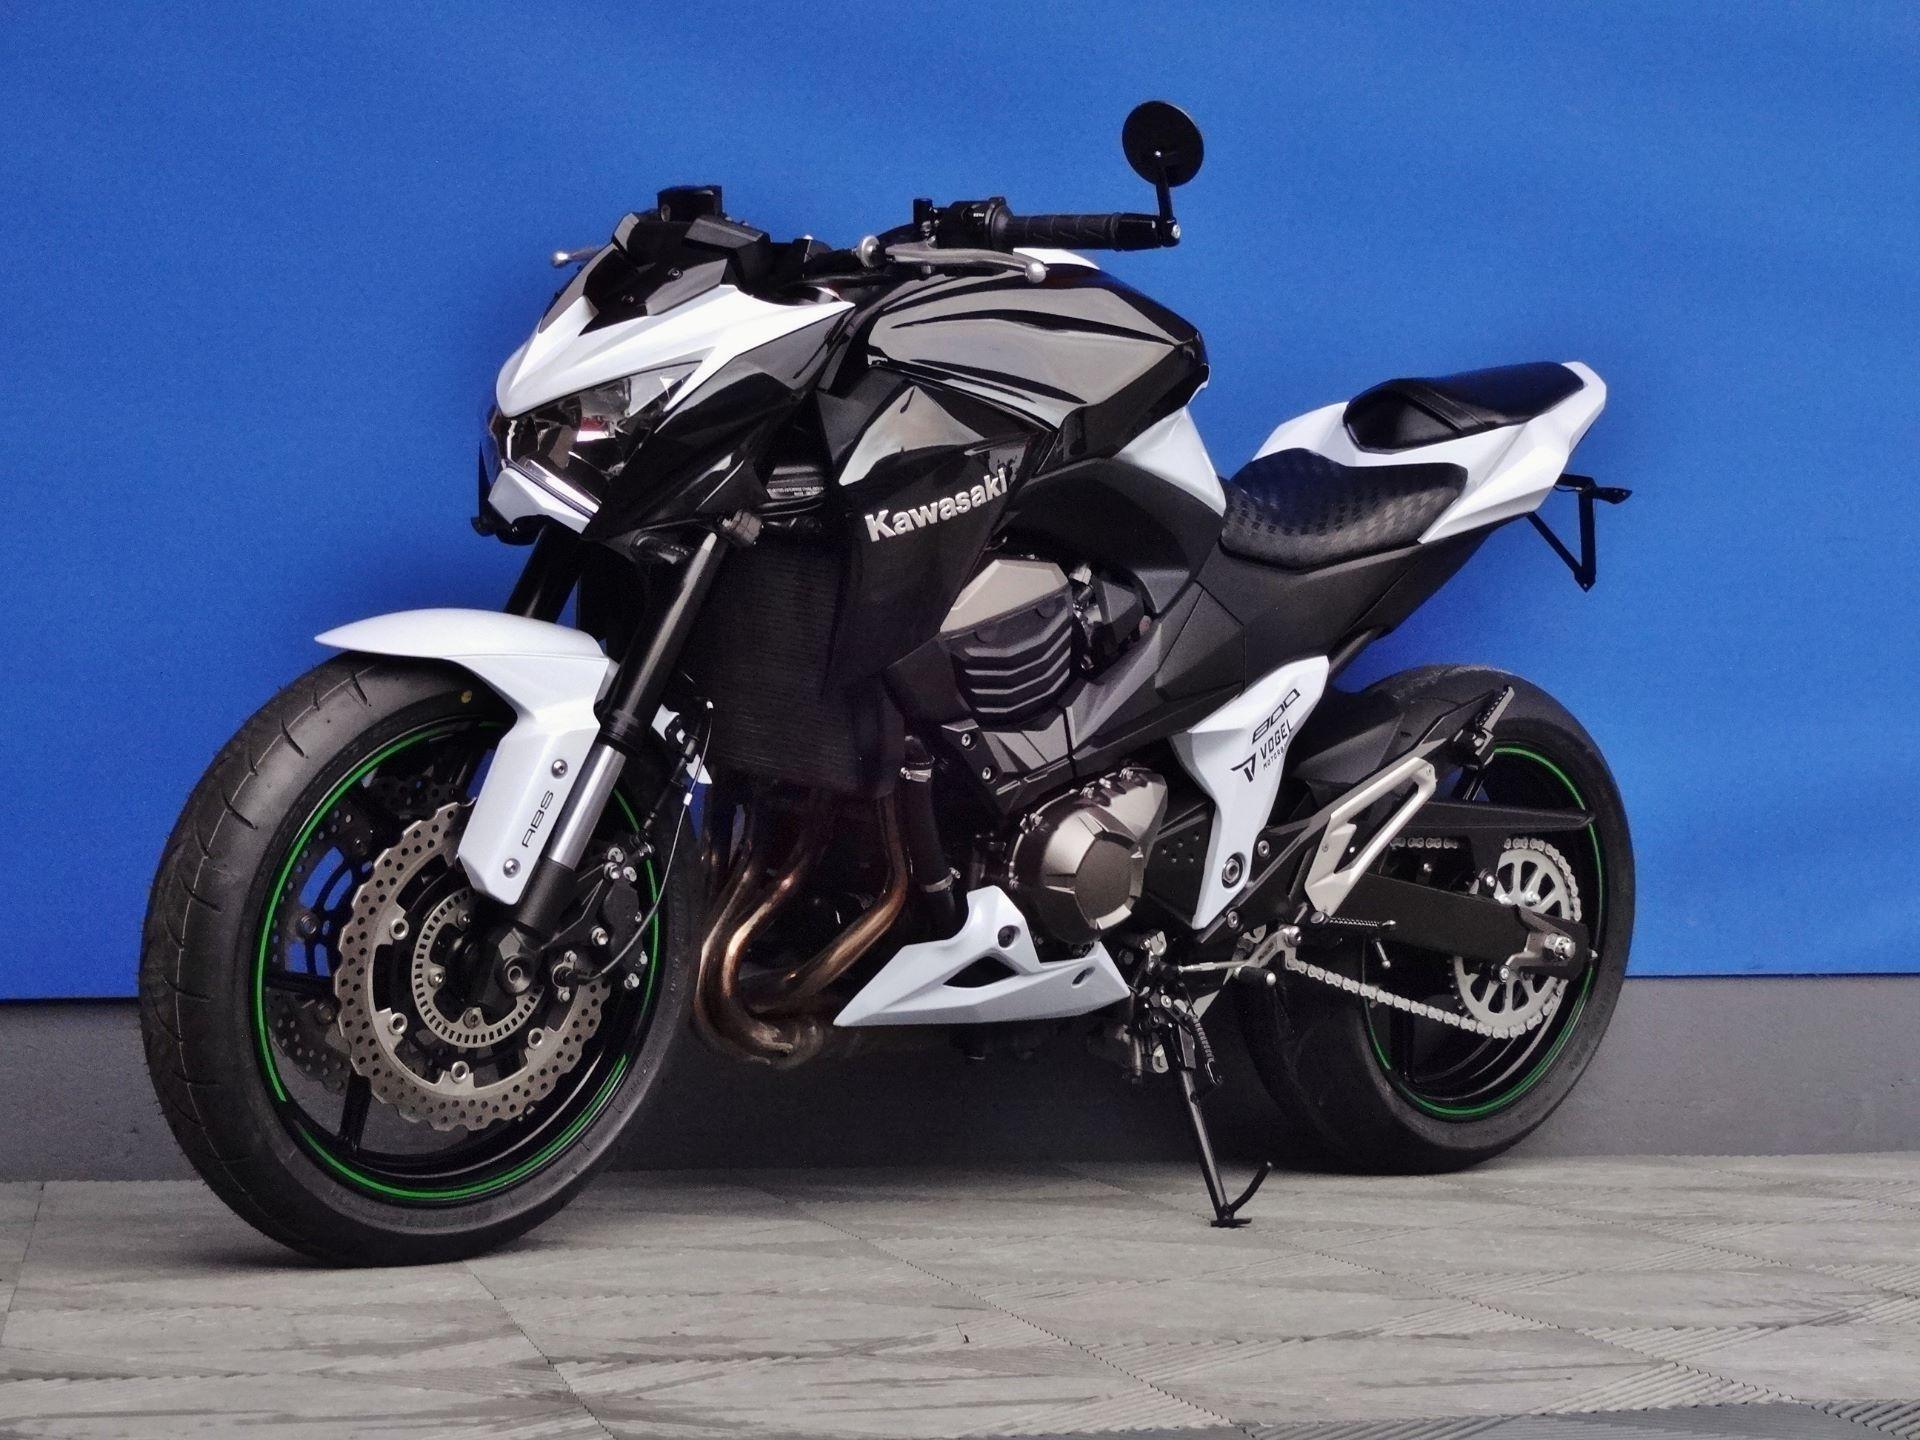 moto occasions acheter kawasaki z 800 tiefer gelegt vogel motorbikes sch pfheim. Black Bedroom Furniture Sets. Home Design Ideas